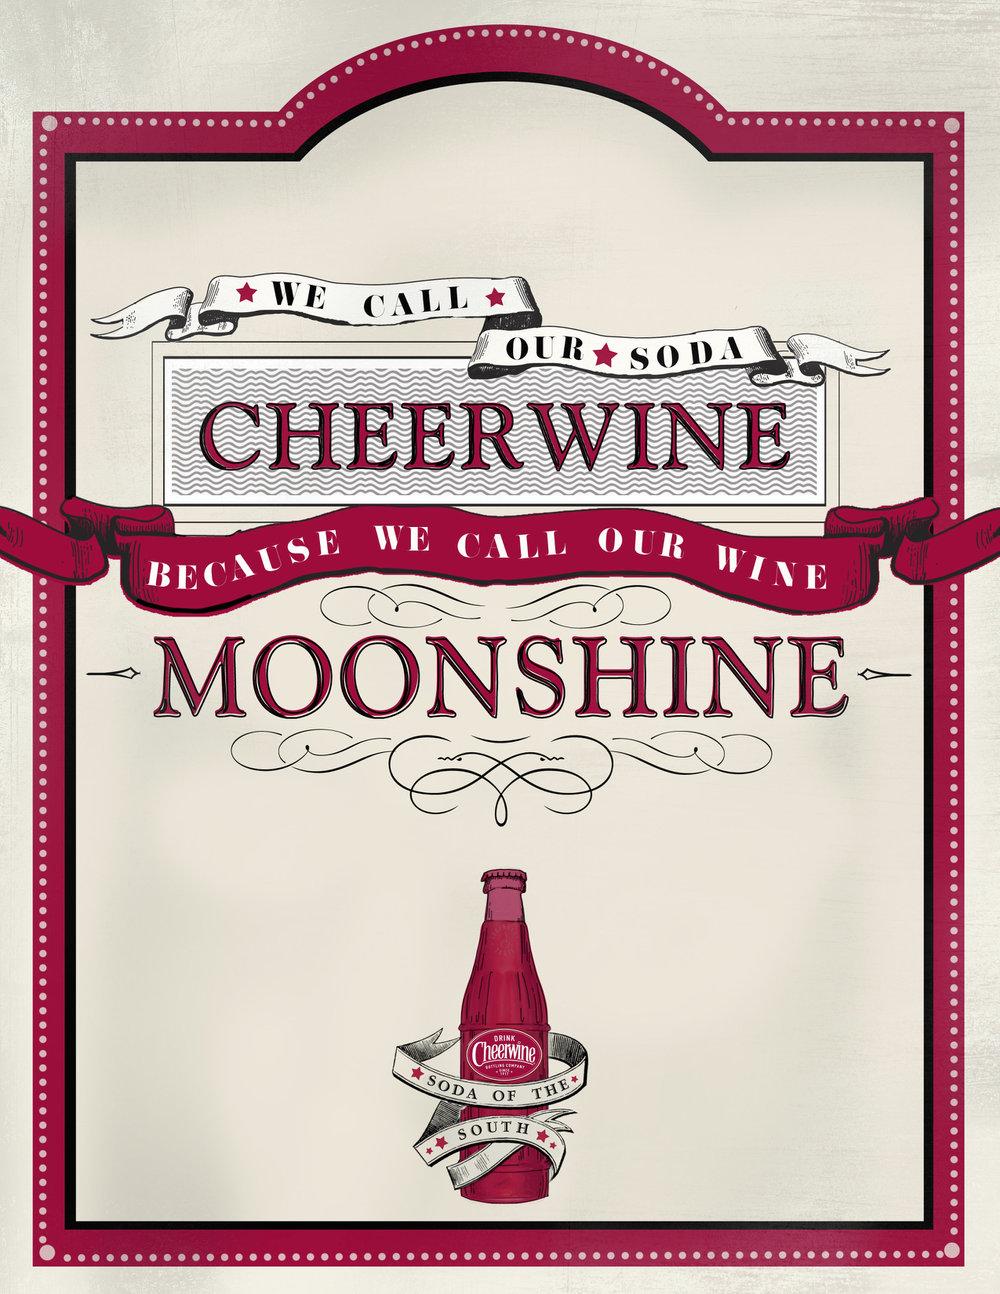 cheerwine moonshine.jpg